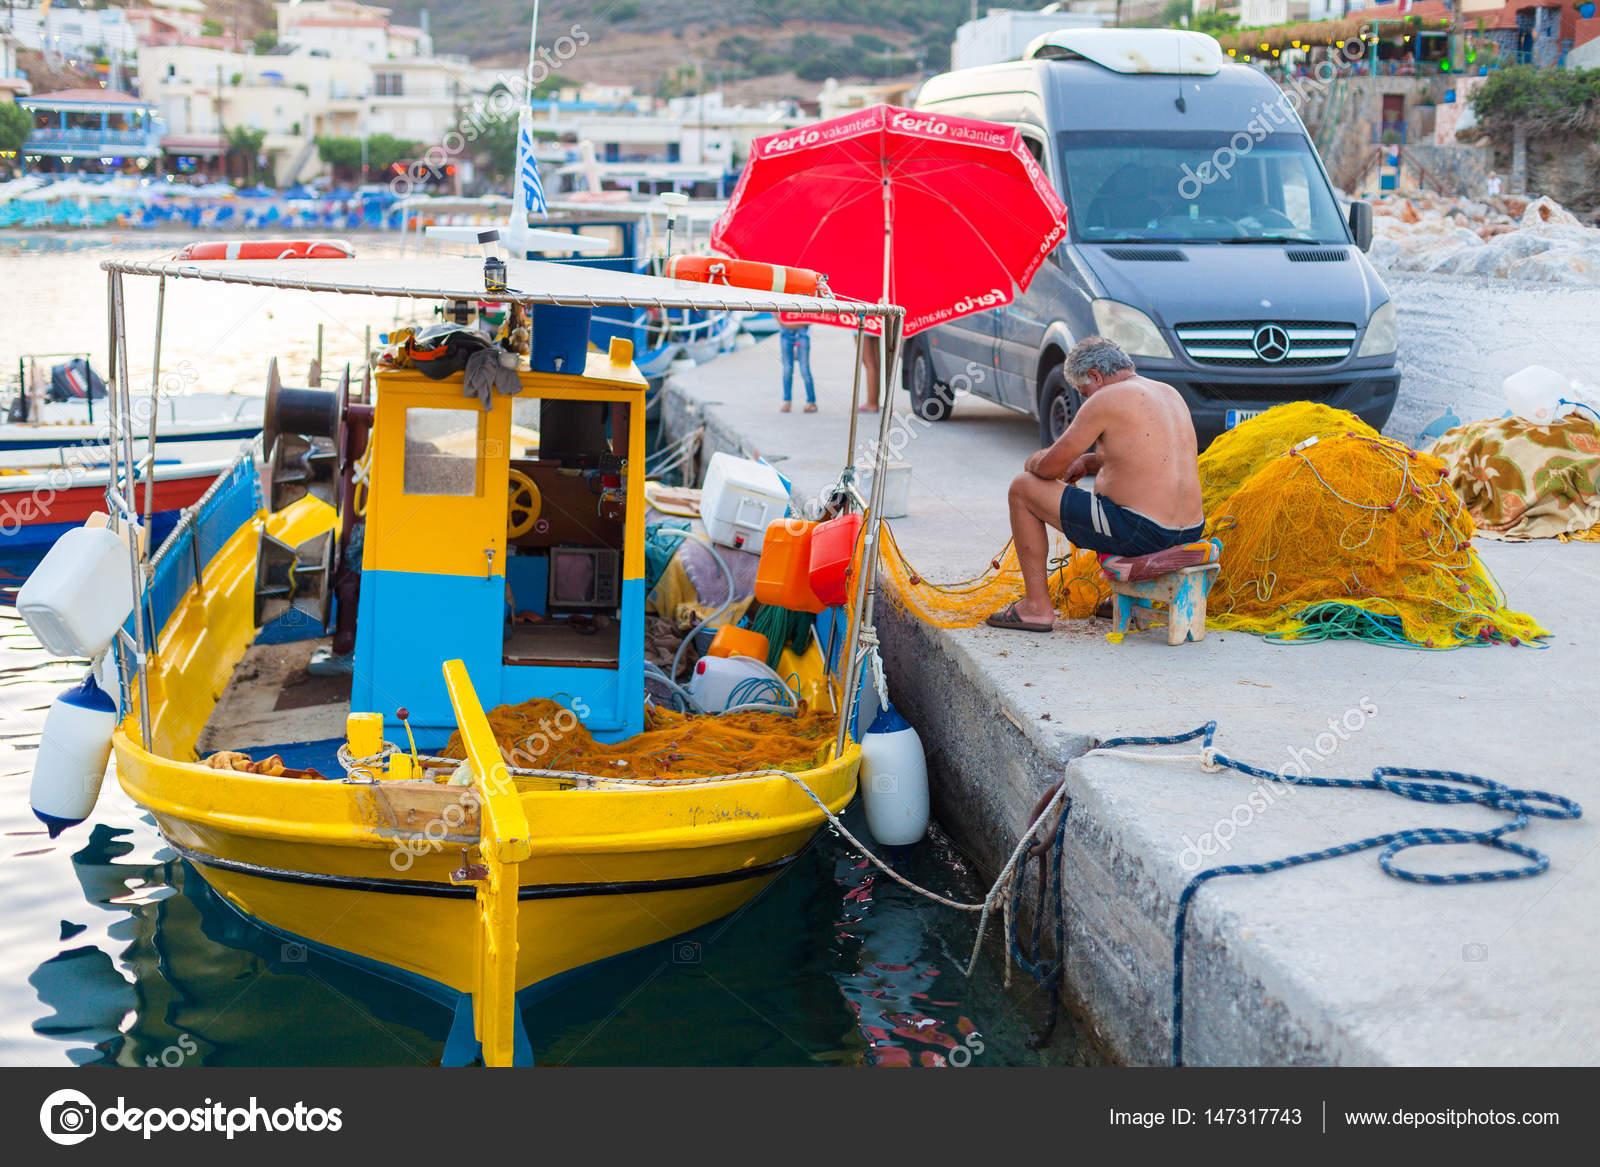 Bali Island Crete Greece June 2016 Fisherman Repairing Fish Net Stock Editorial Photo C Zazamaza 147317743